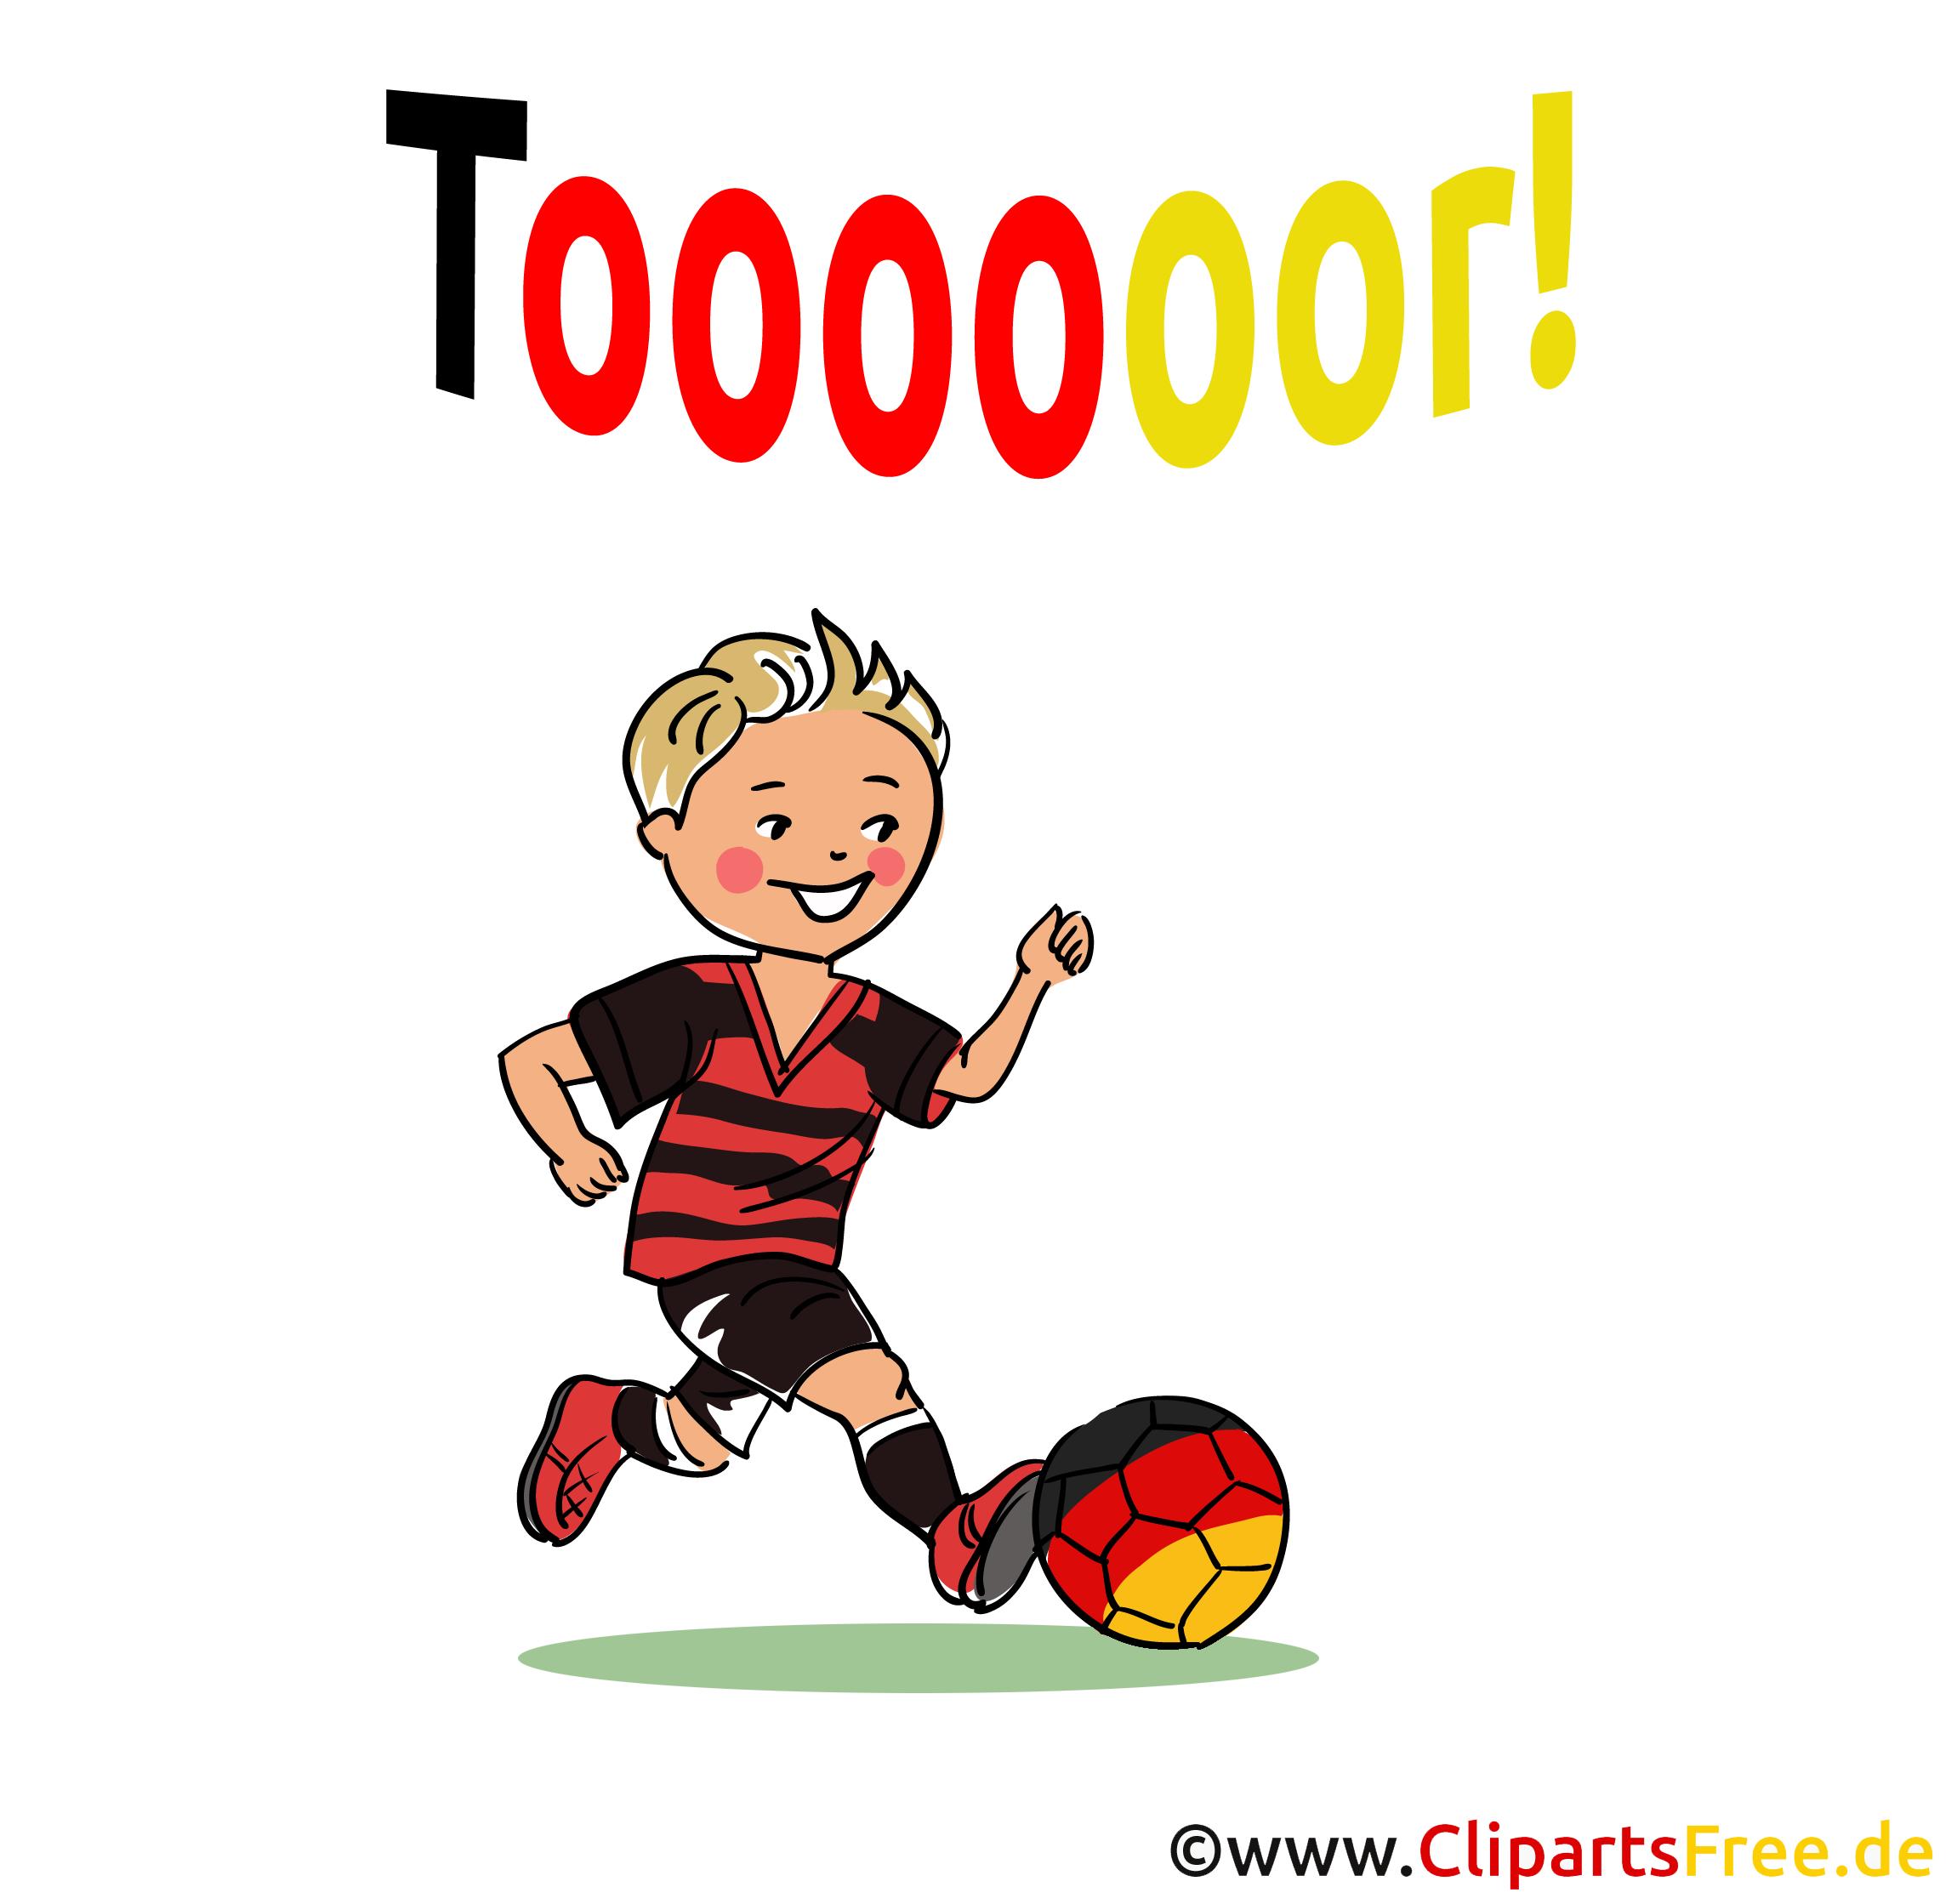 Stürmer Fussballspieler Illustration-Clipart